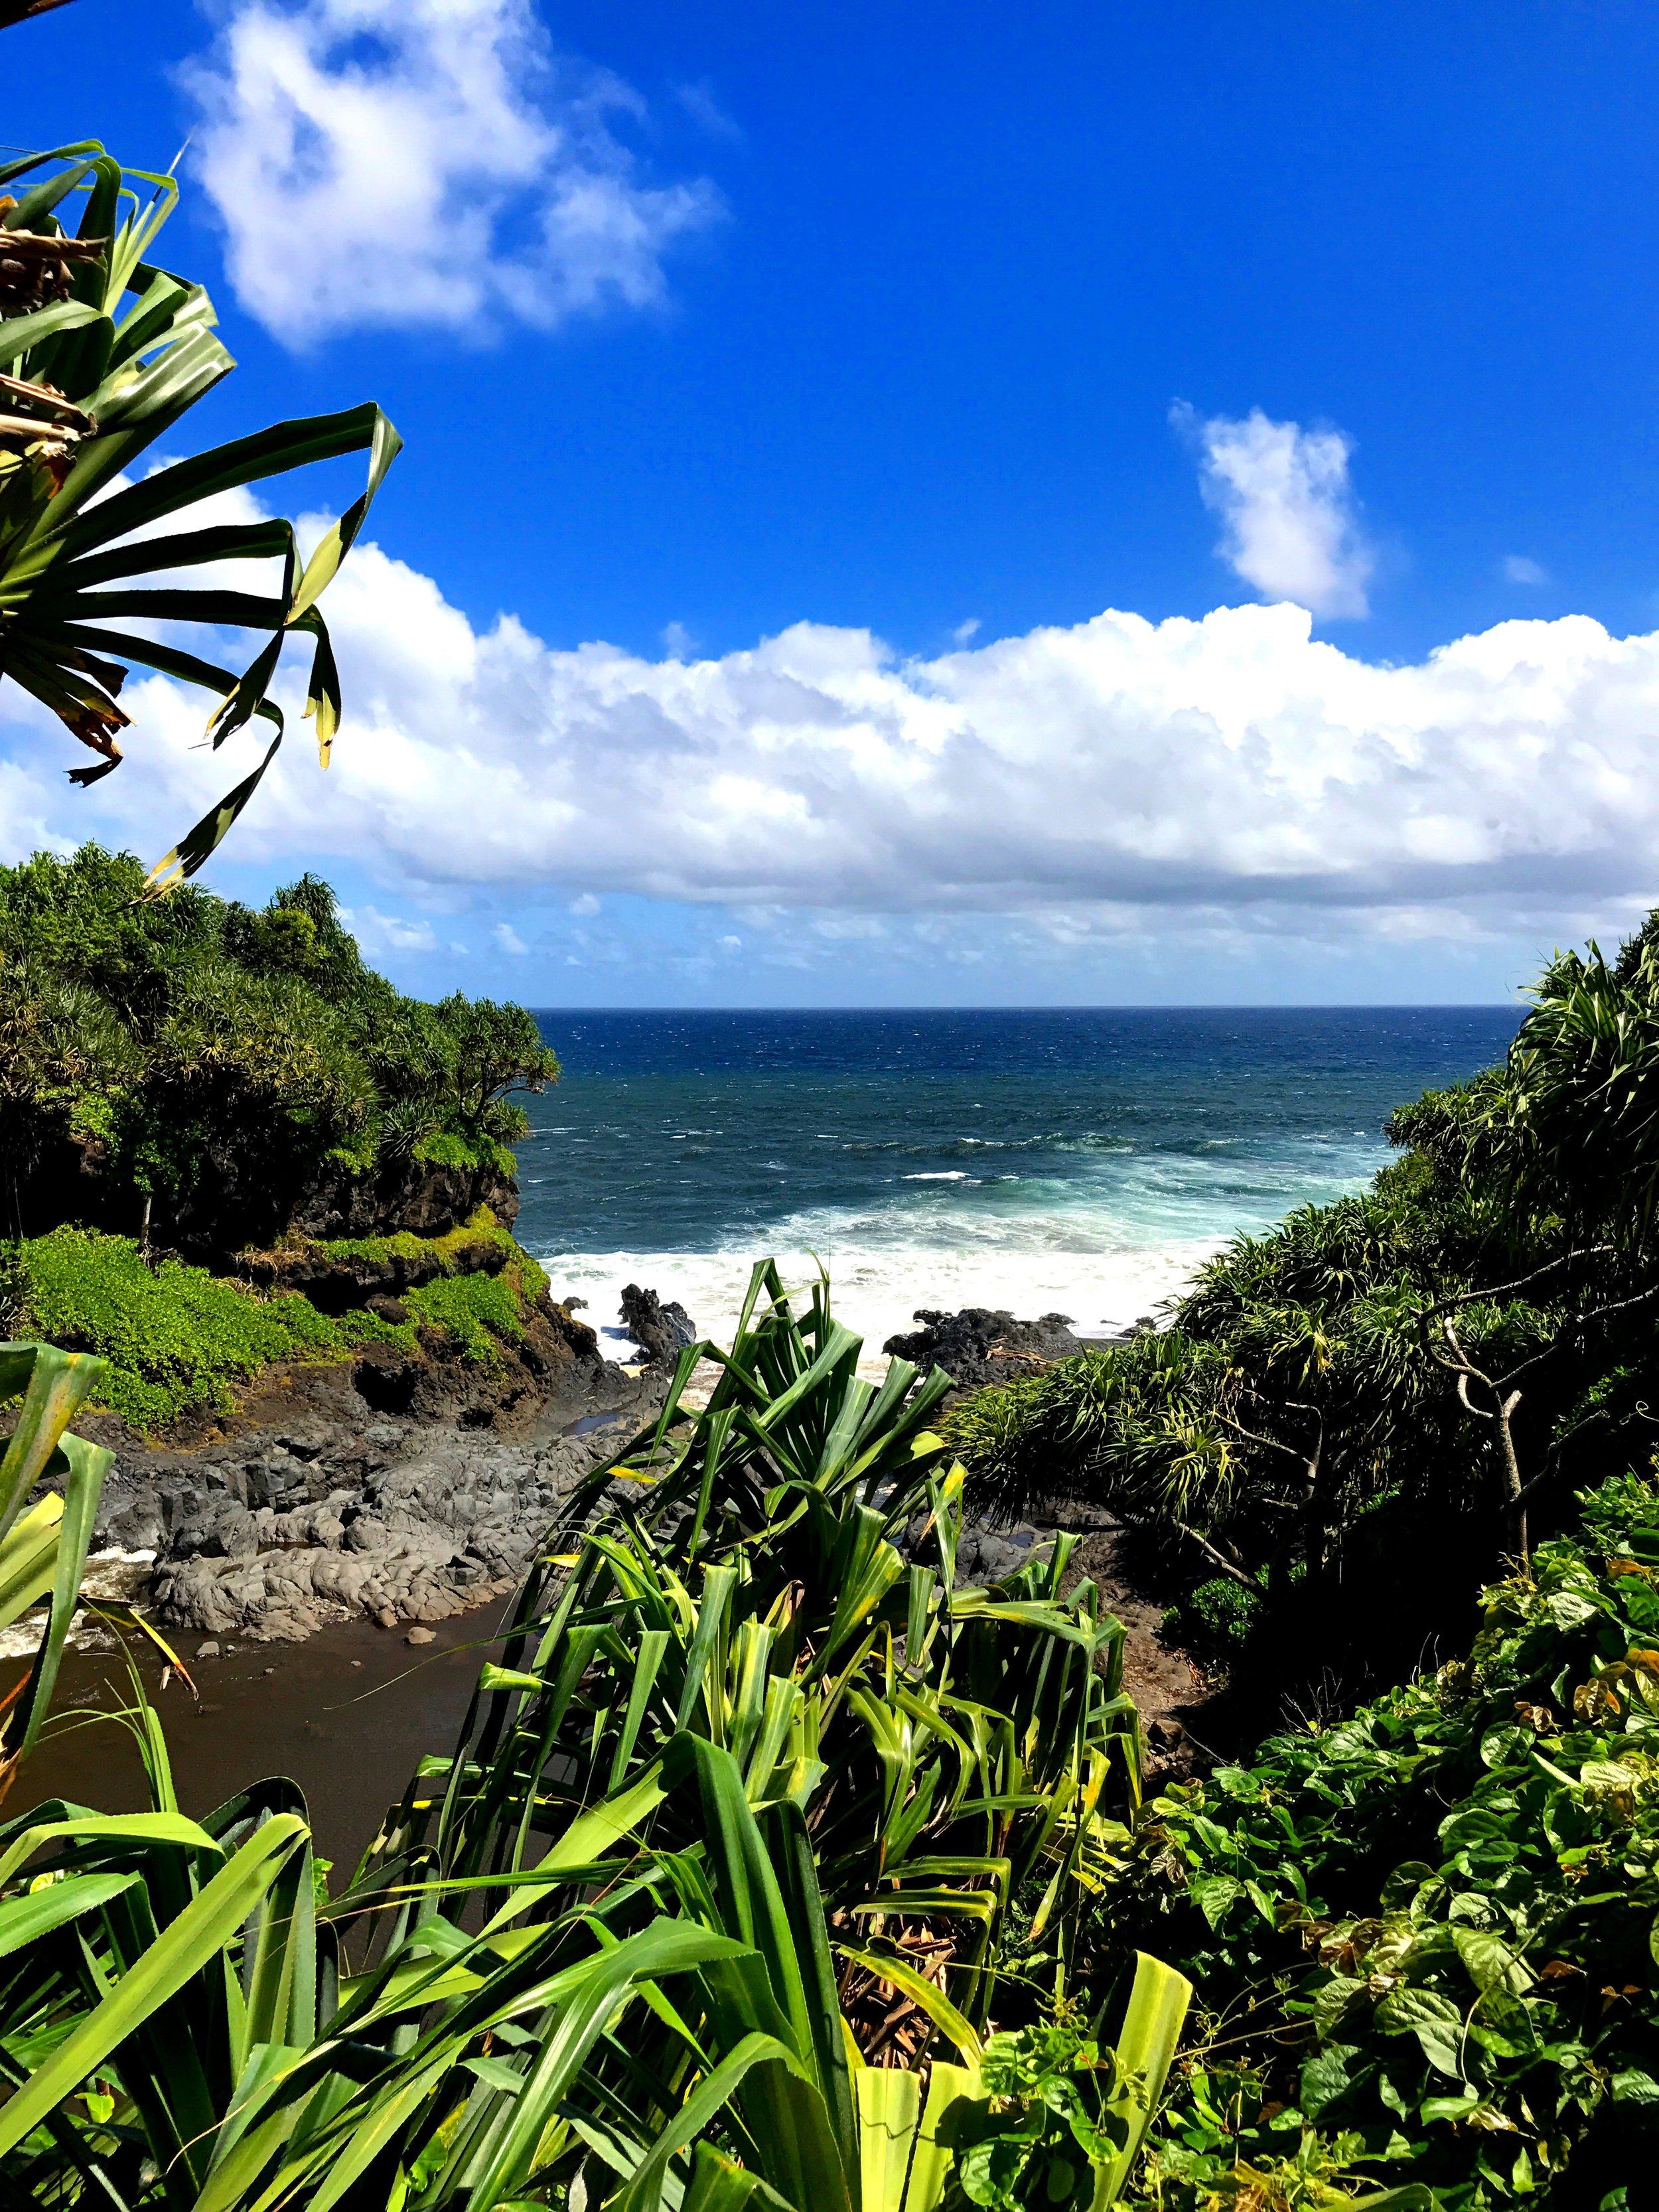 Road to Hana - Maui Hawaii